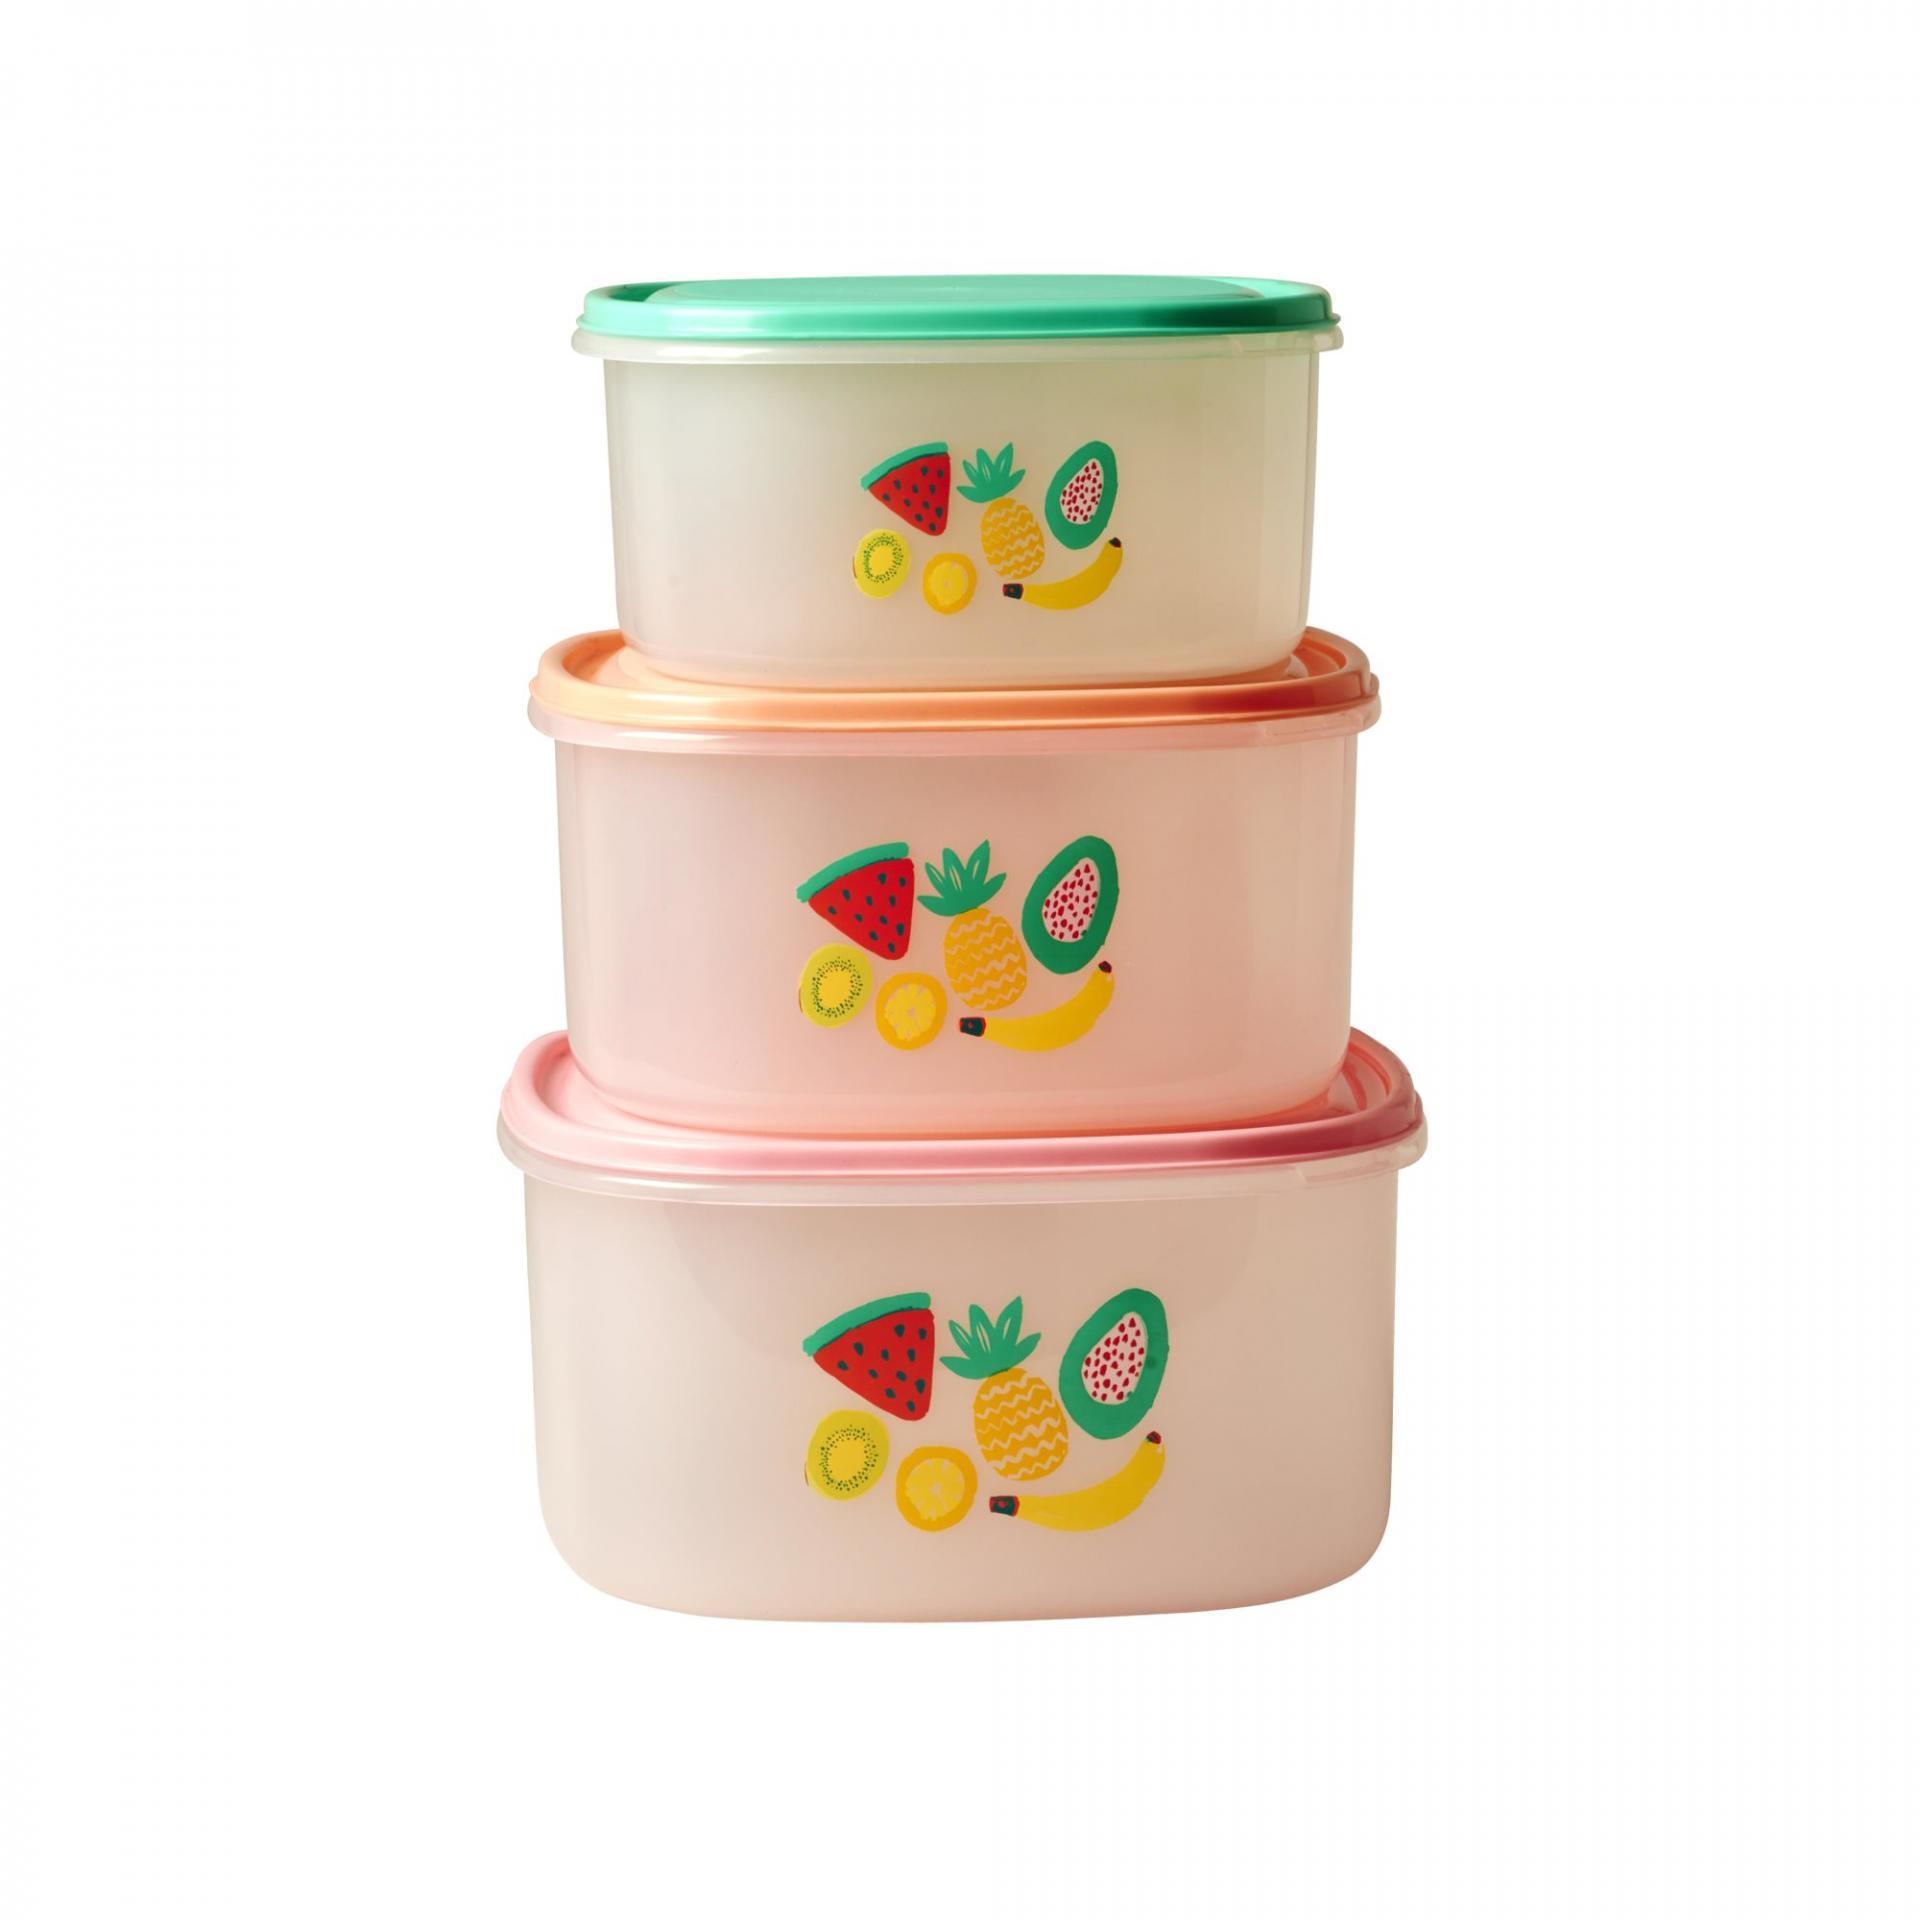 rice Potravinové boxy Tutti Frutti set - 3 velikosti, růžová barva, zelená barva, oranžová barva, plast